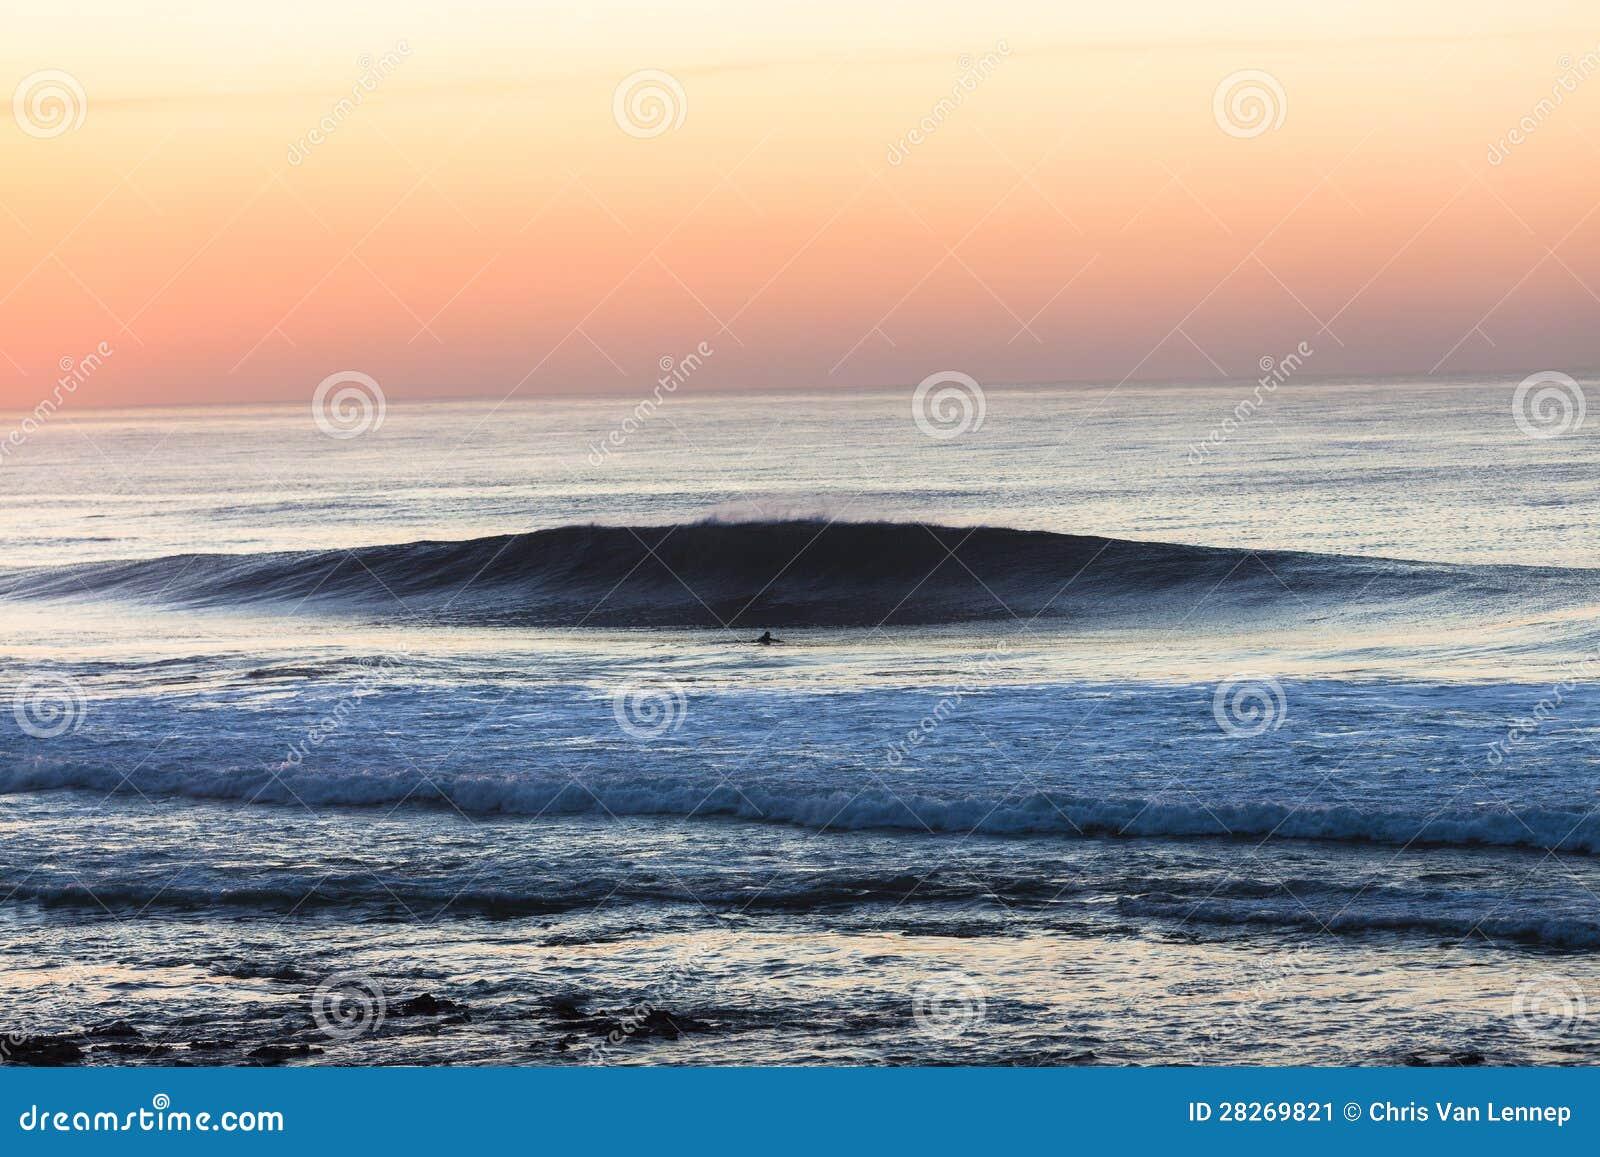 Morning Wave Surfer